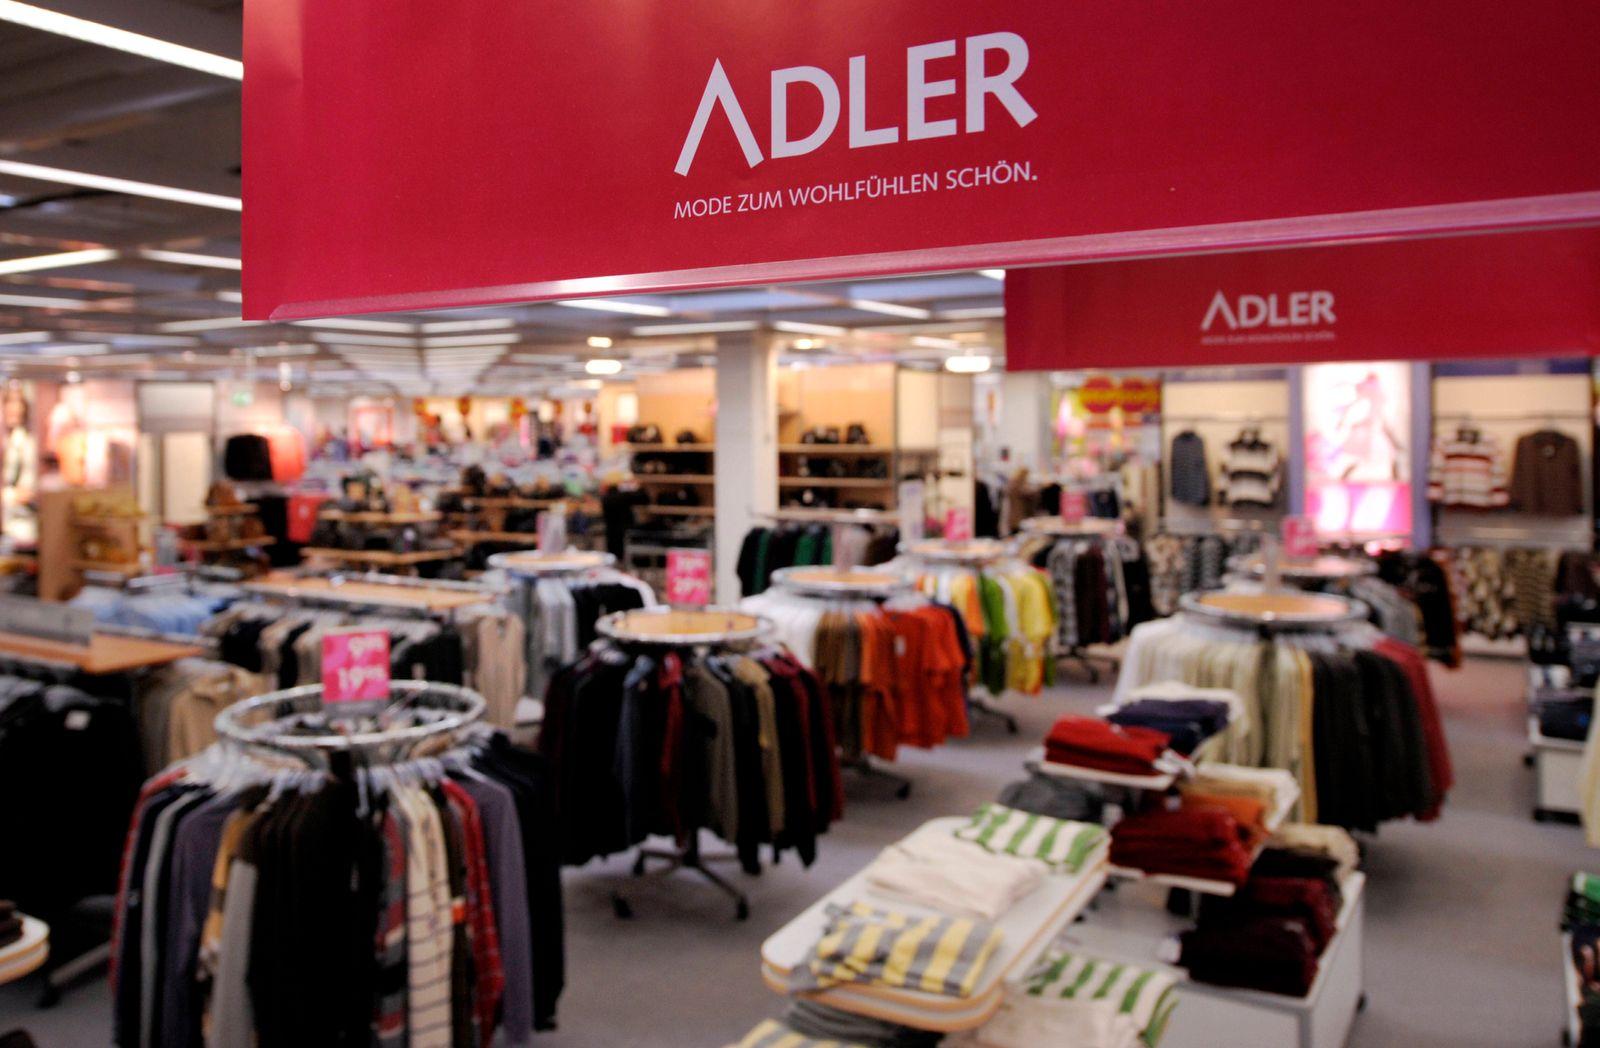 NICHT VERWENDEN Adler Modekette / Kaufhaus Bekleidung